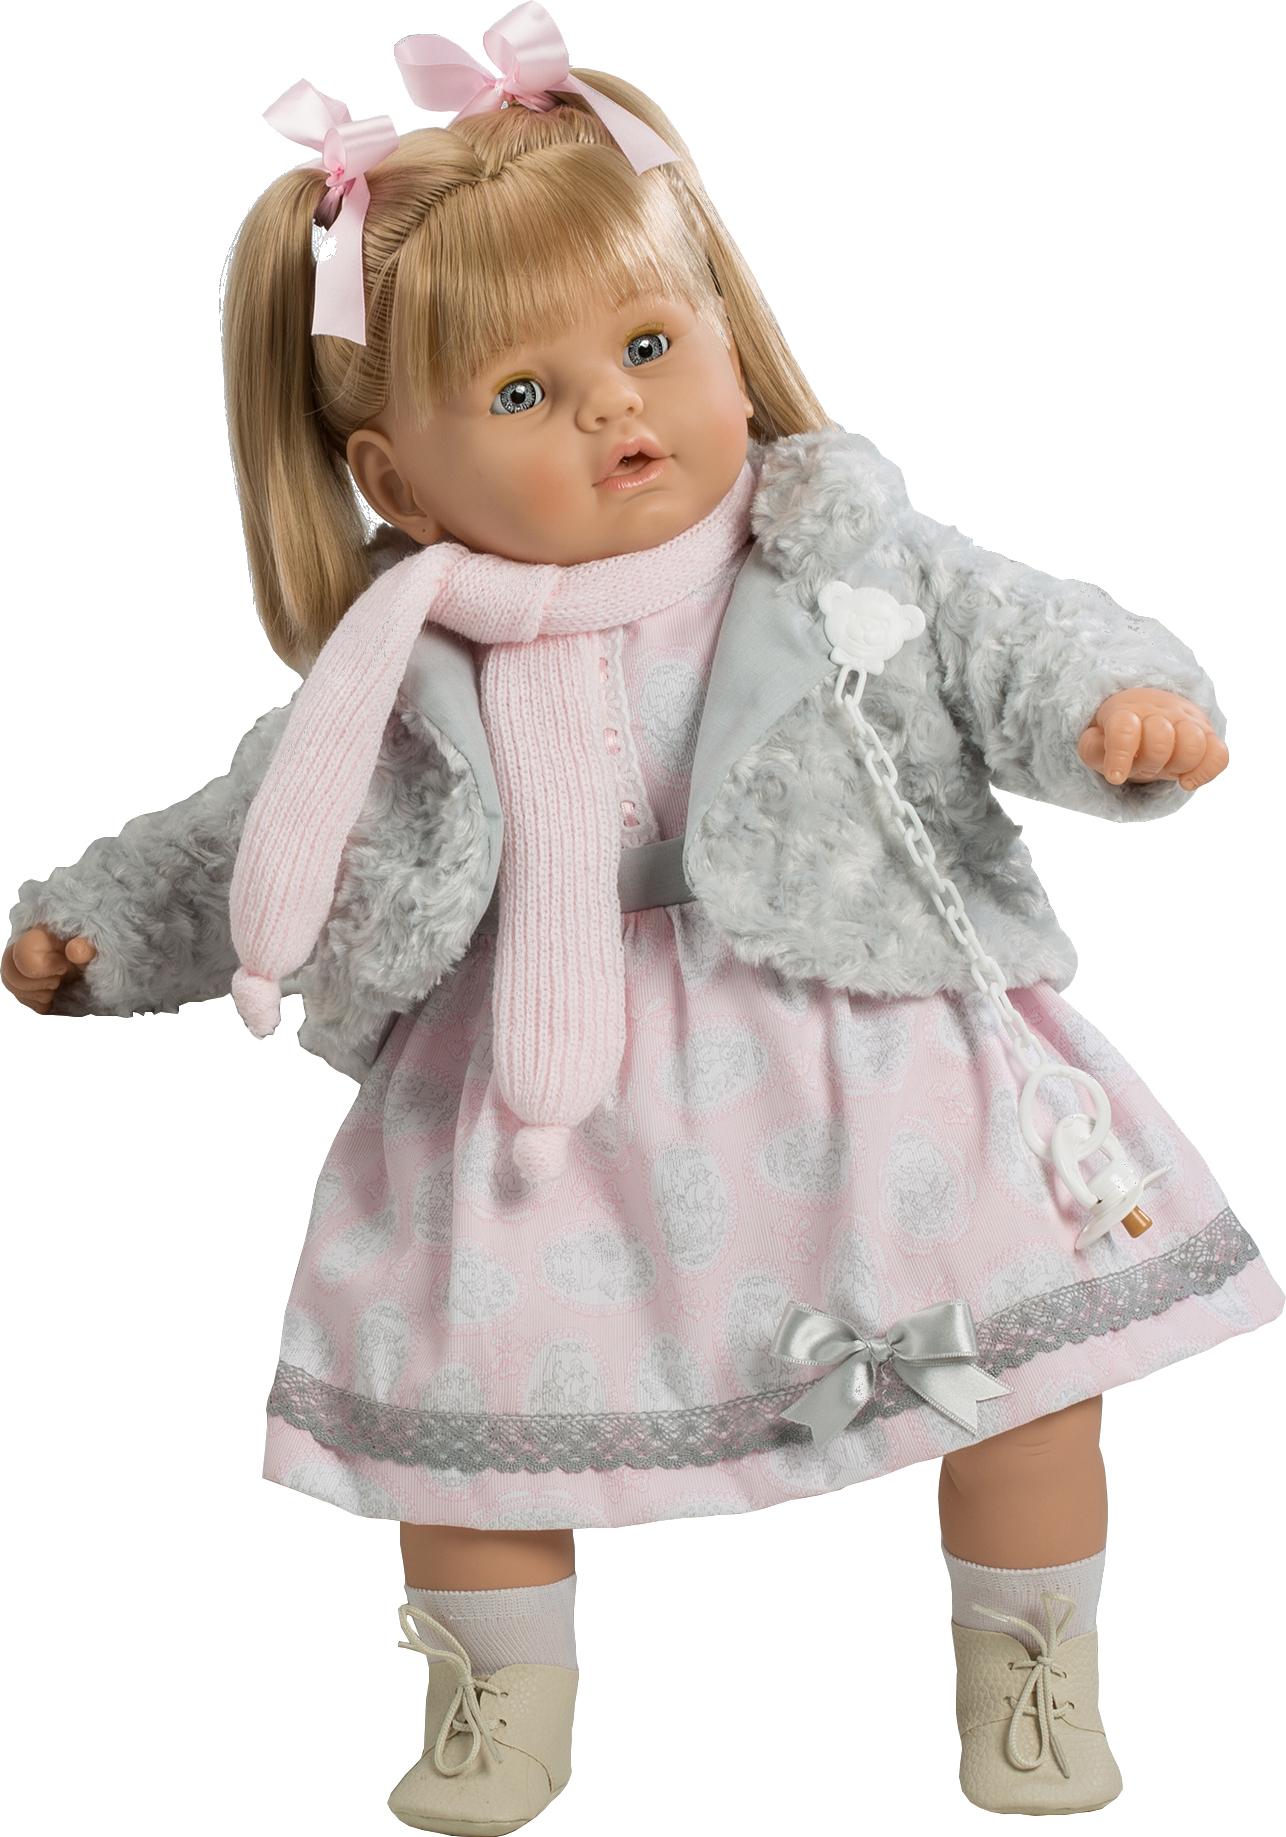 BABY DULZONA LLORONA CHALECO GRIS 8043 - N3819